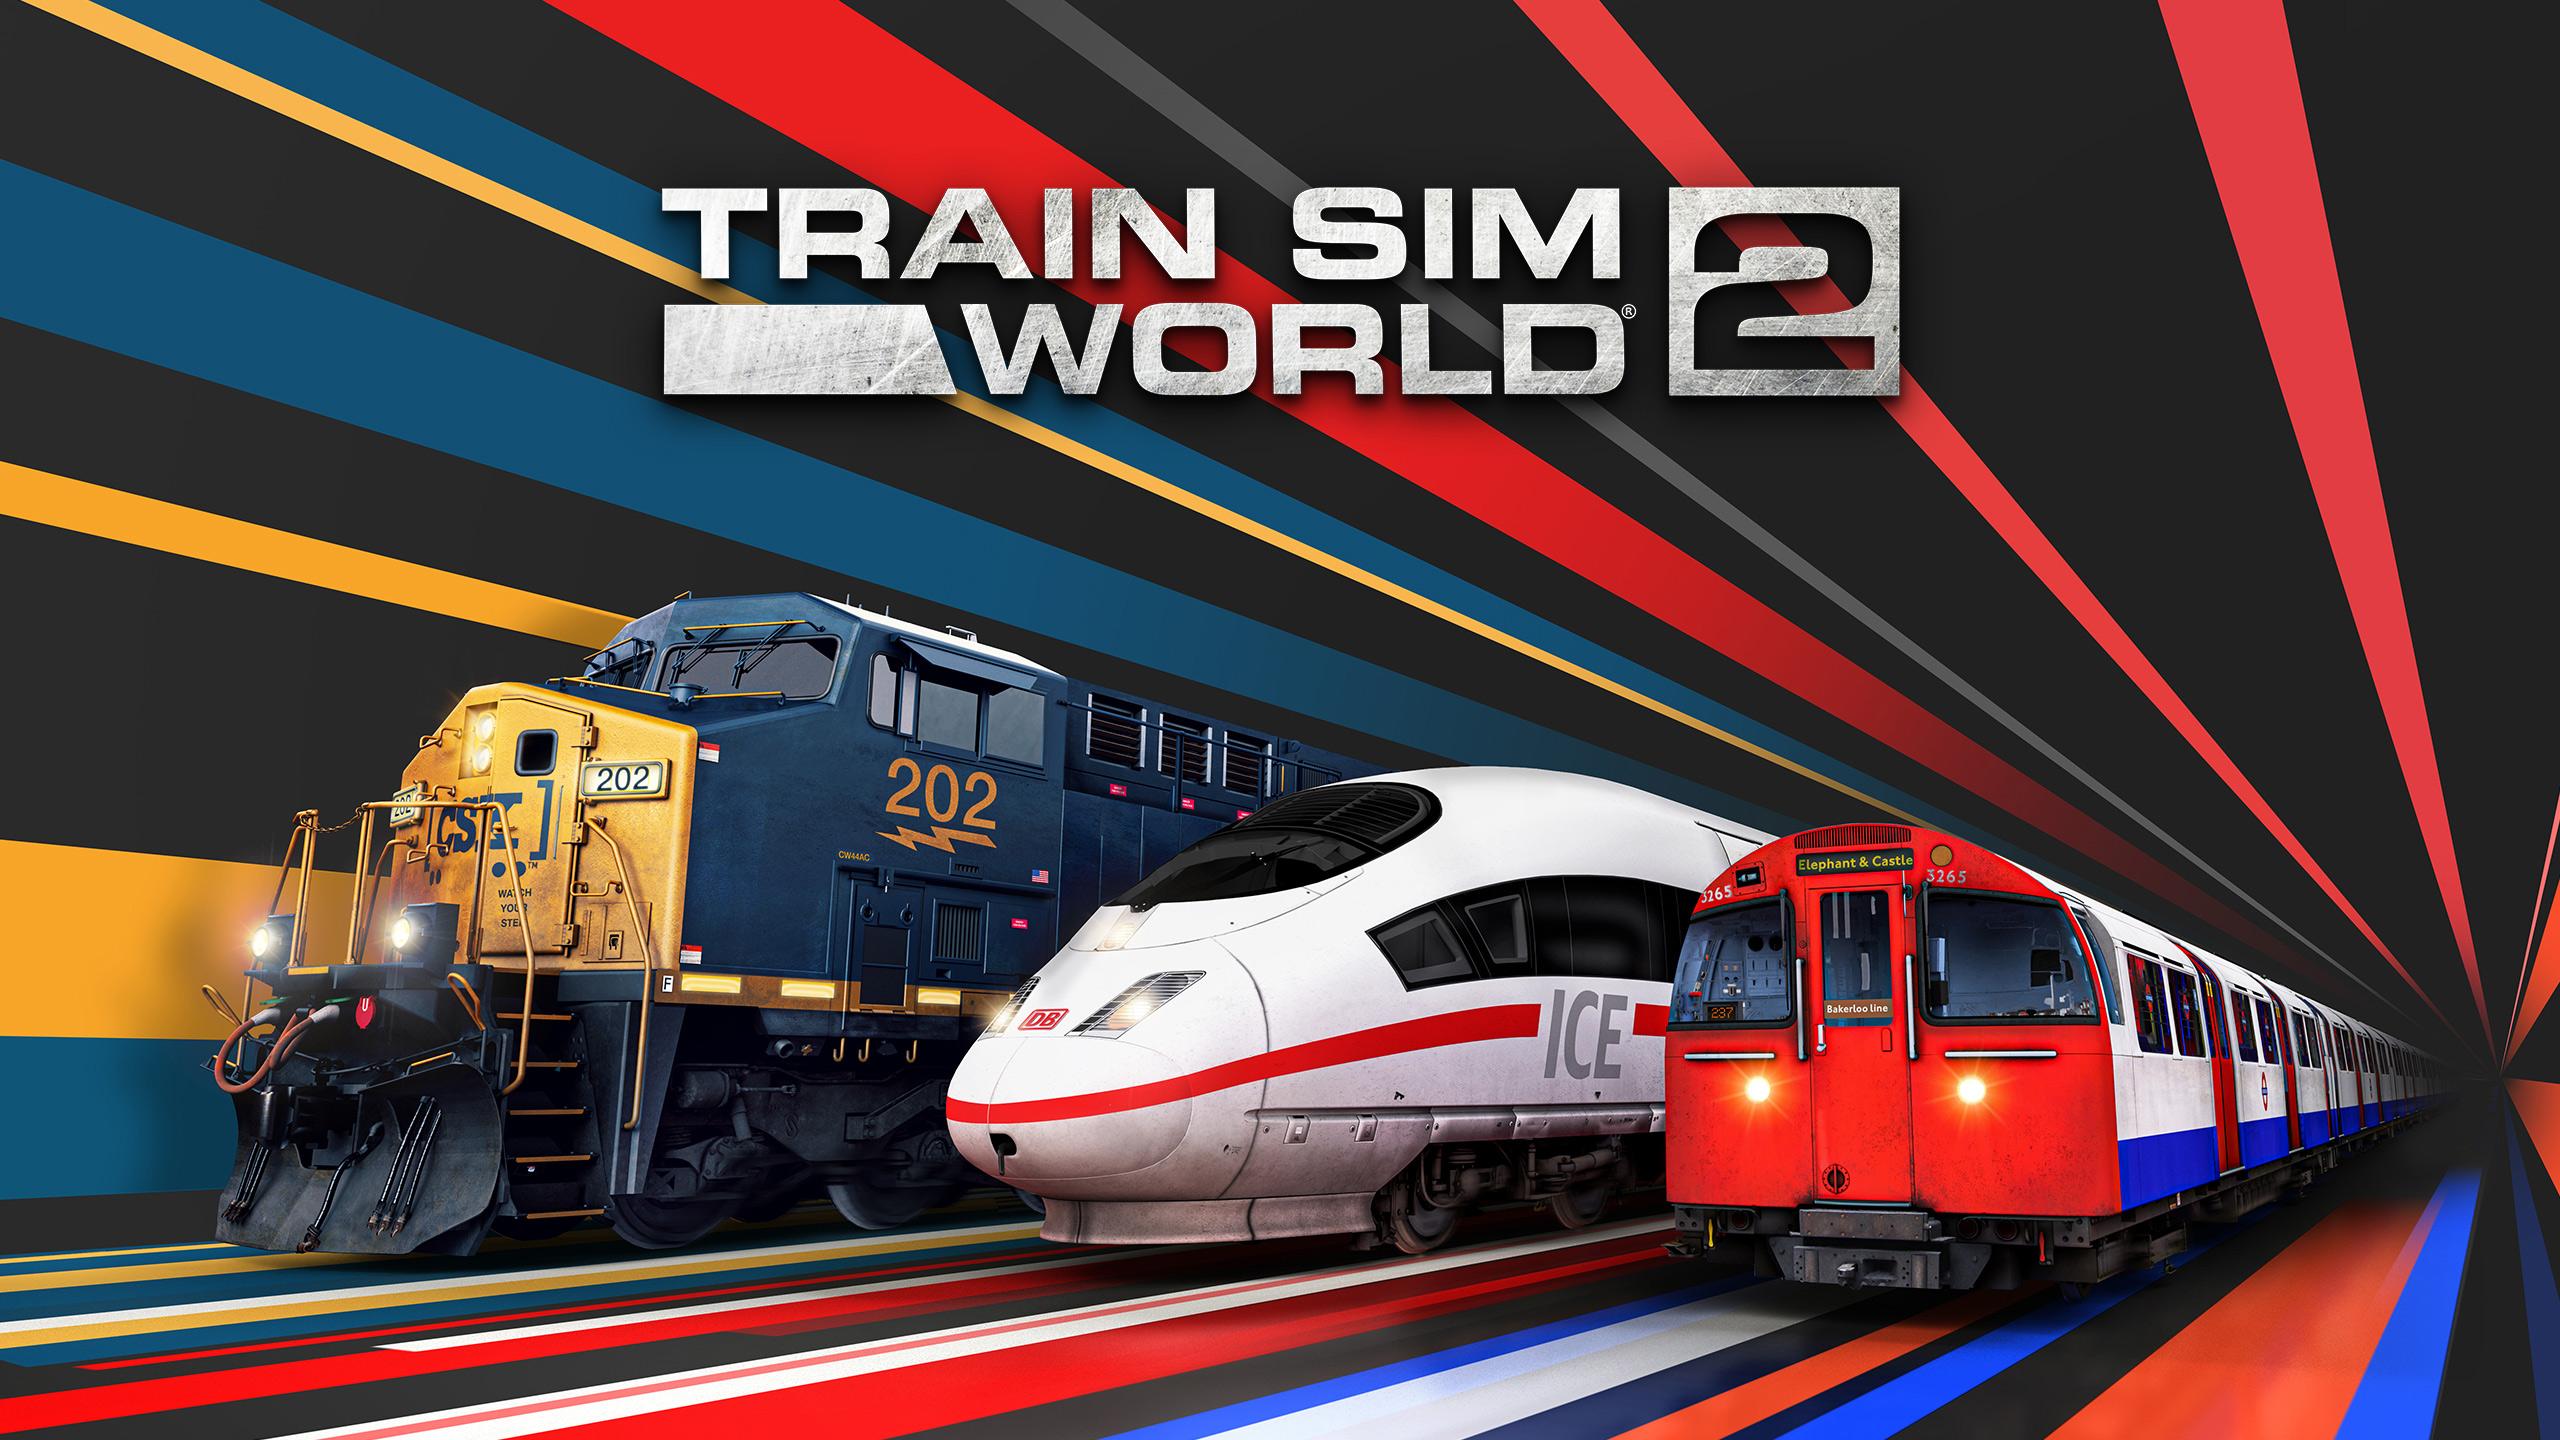 Train Sim World 2 Thumbnail